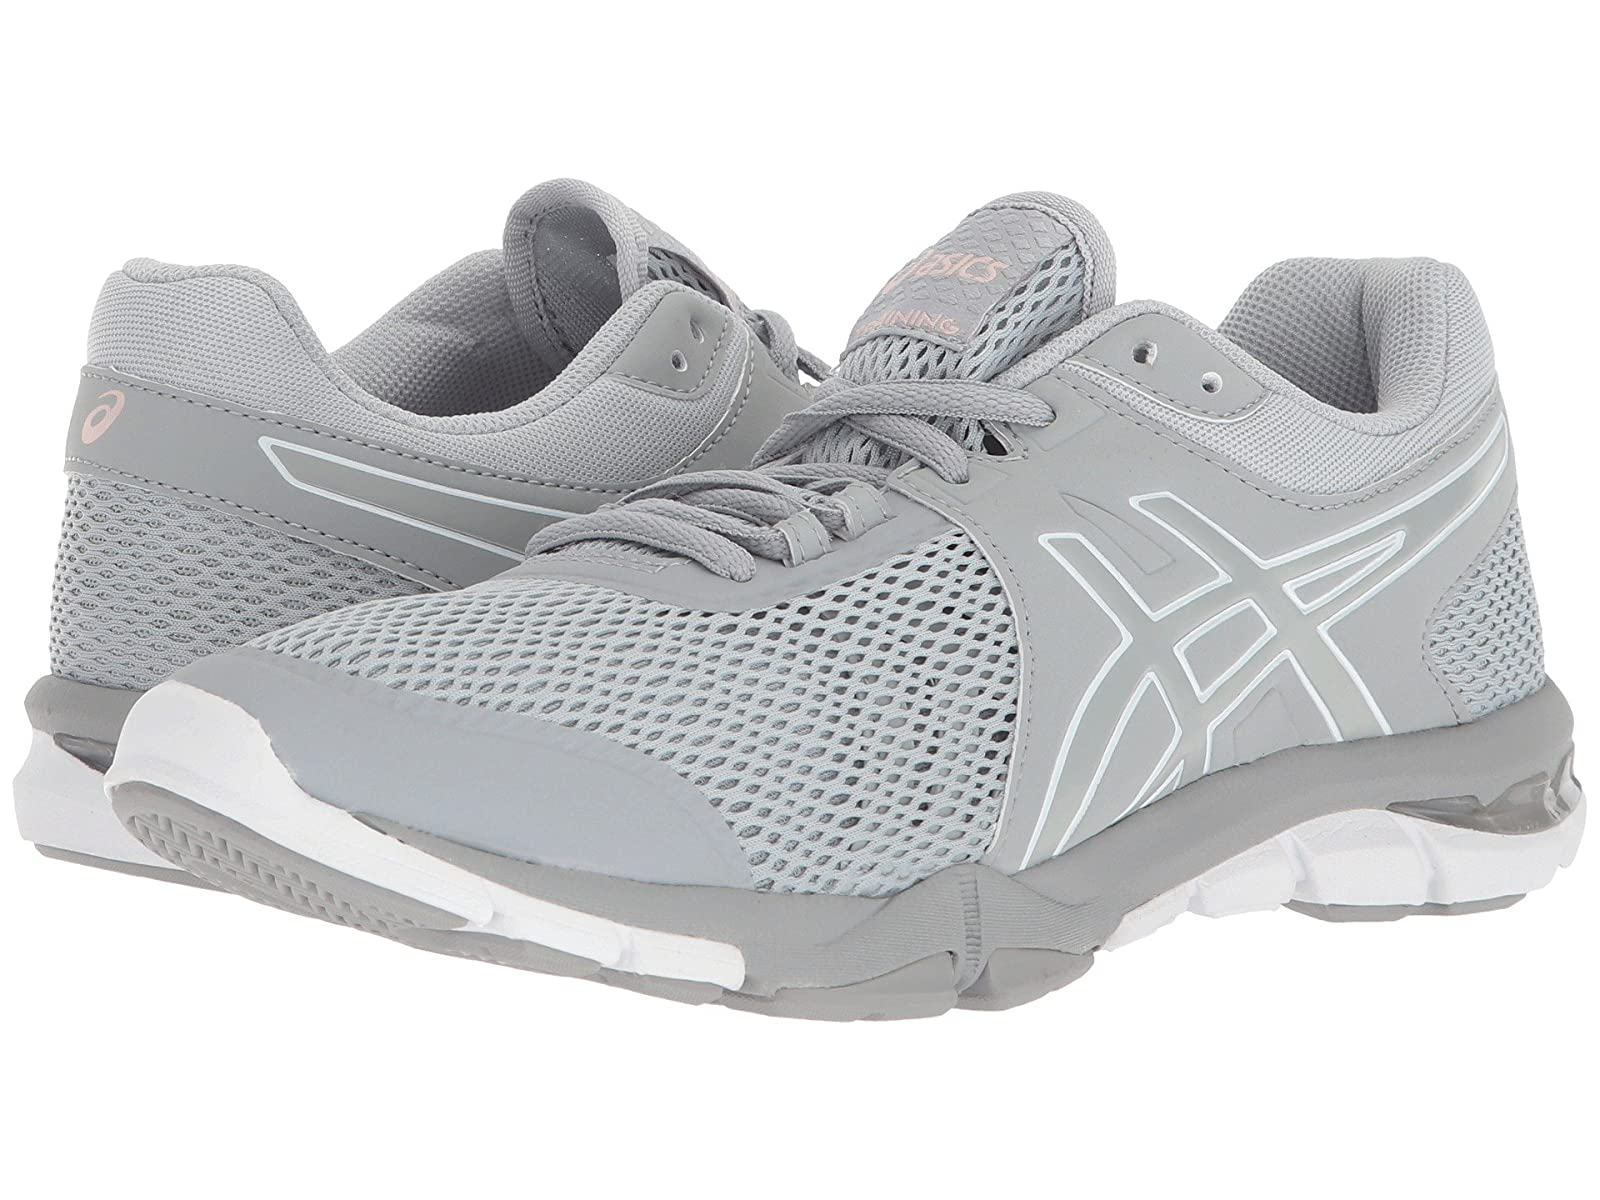 ASICS Gel-Craze TR 4Atmospheric grades have affordable shoes